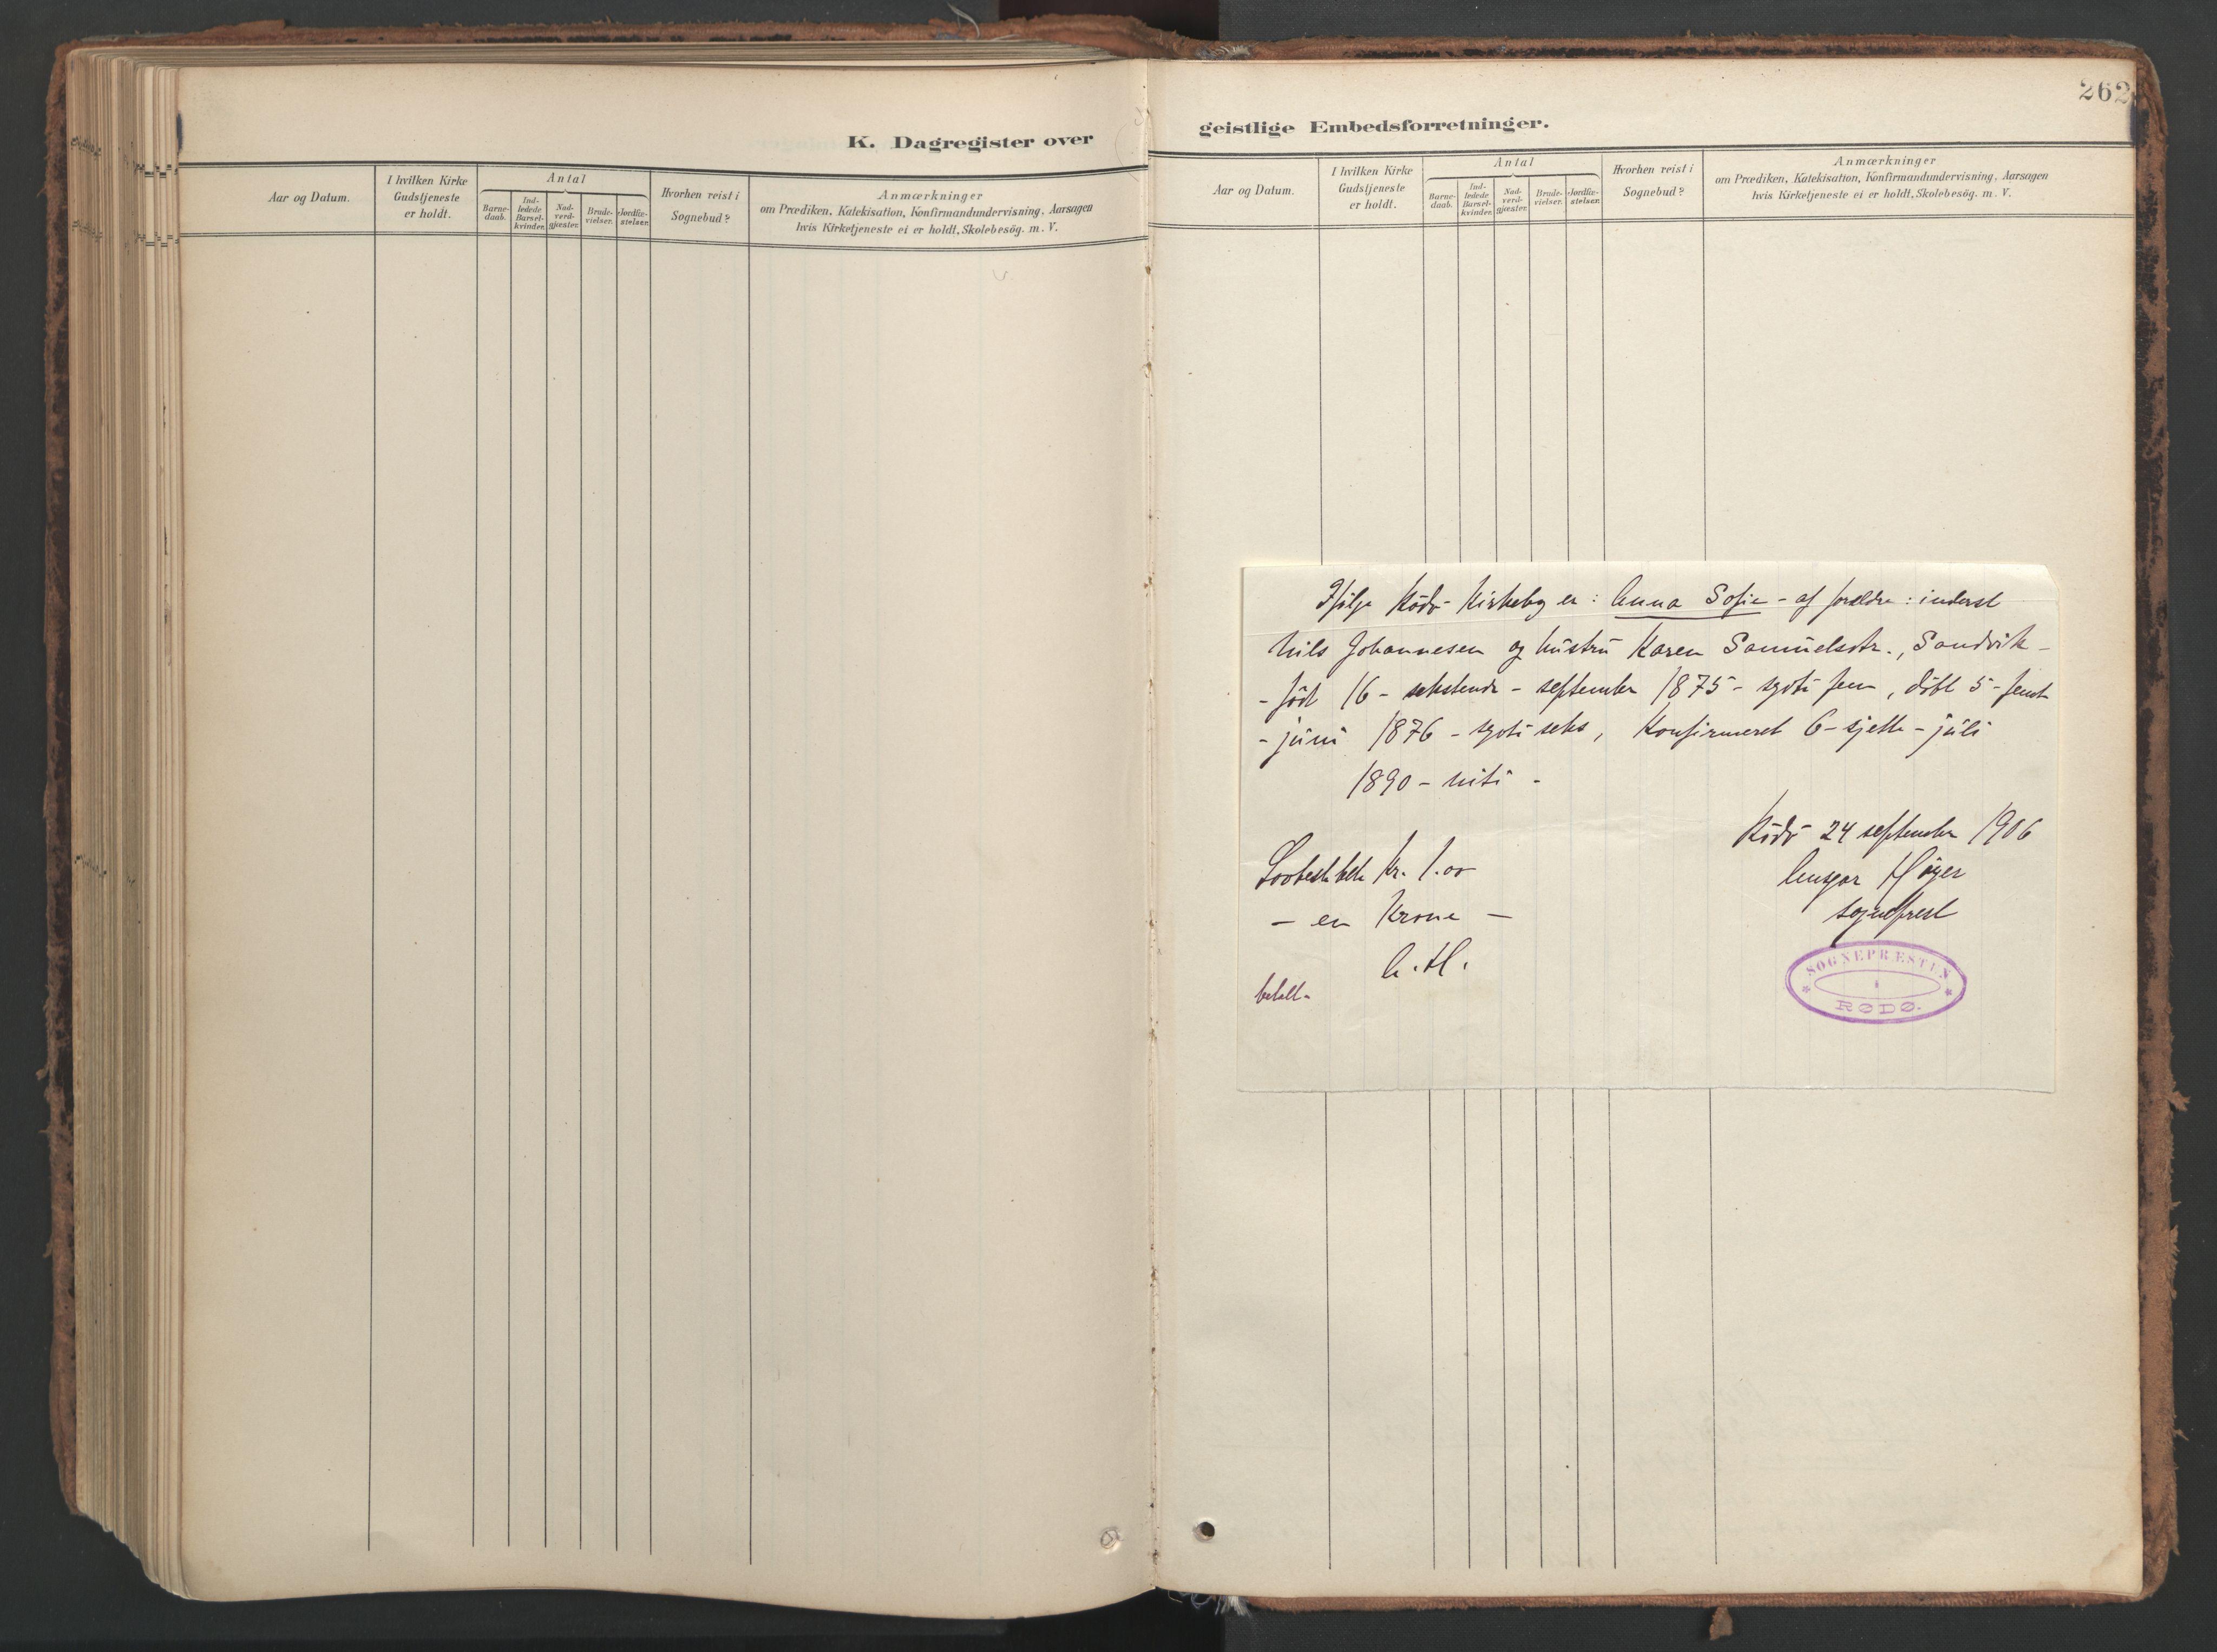 SAT, Ministerialprotokoller, klokkerbøker og fødselsregistre - Nord-Trøndelag, 741/L0397: Ministerialbok nr. 741A11, 1901-1911, s. 262